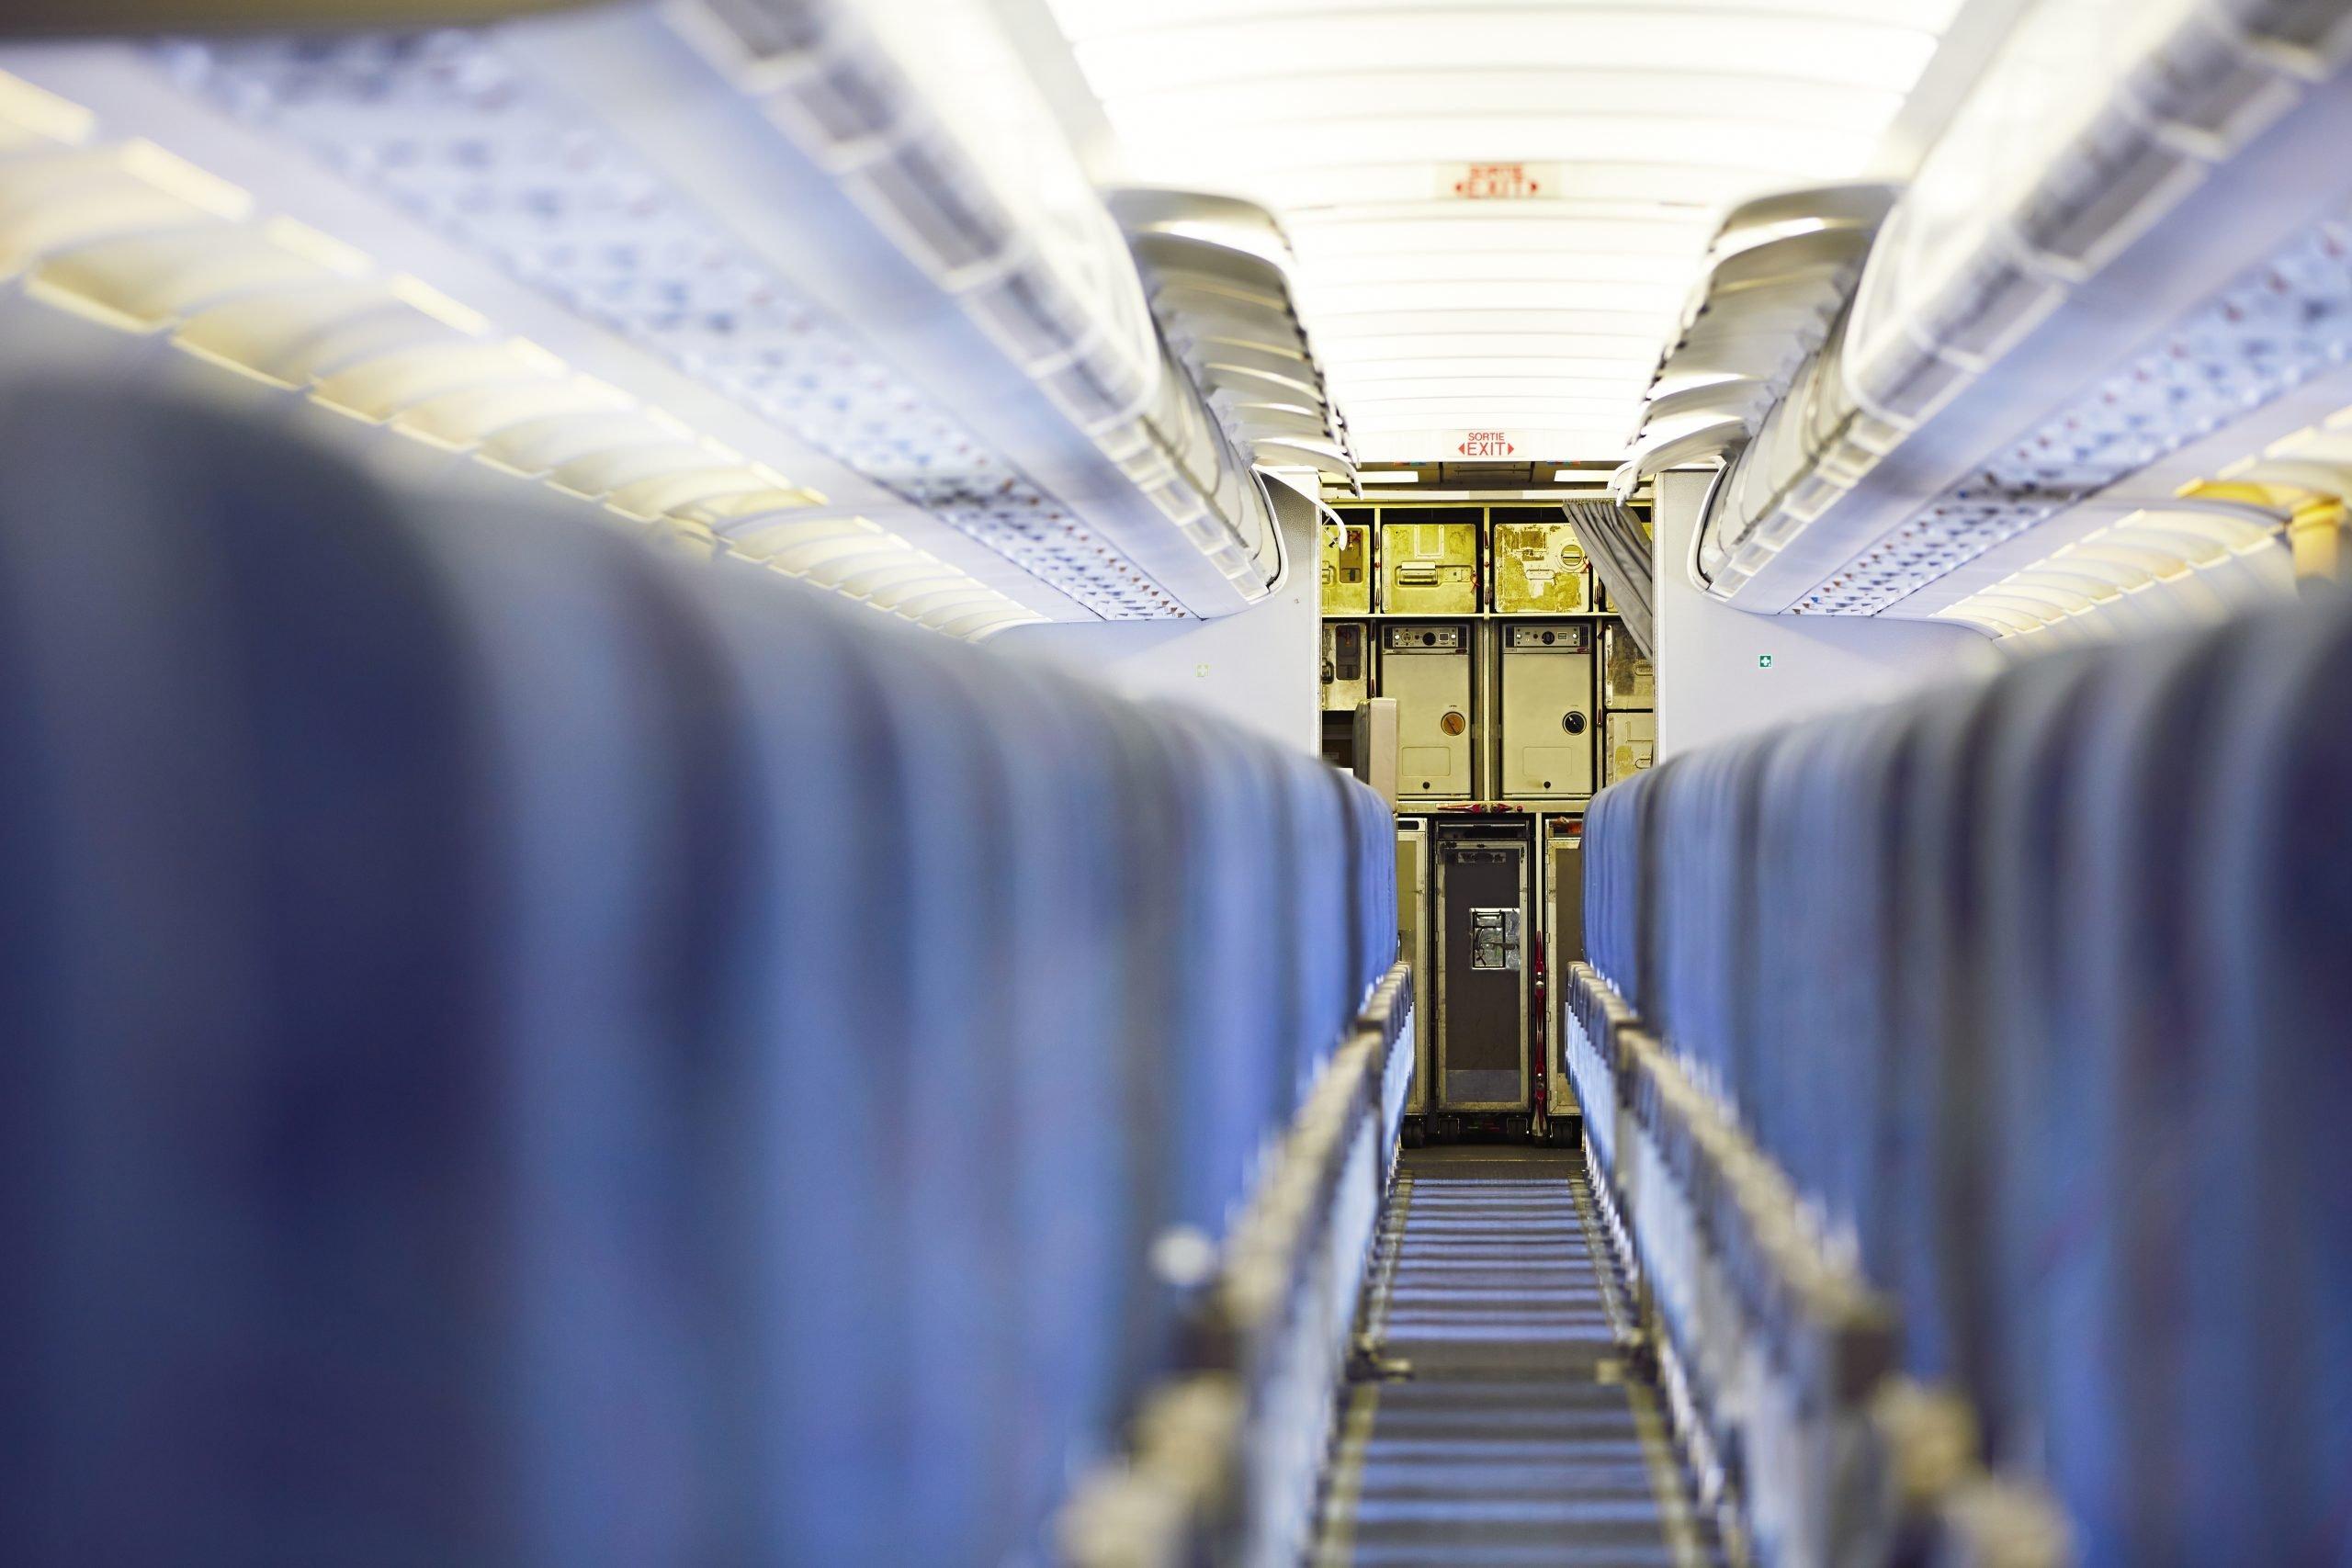 El panorama del tráfico aéreo ante el COVID-19 en 2020